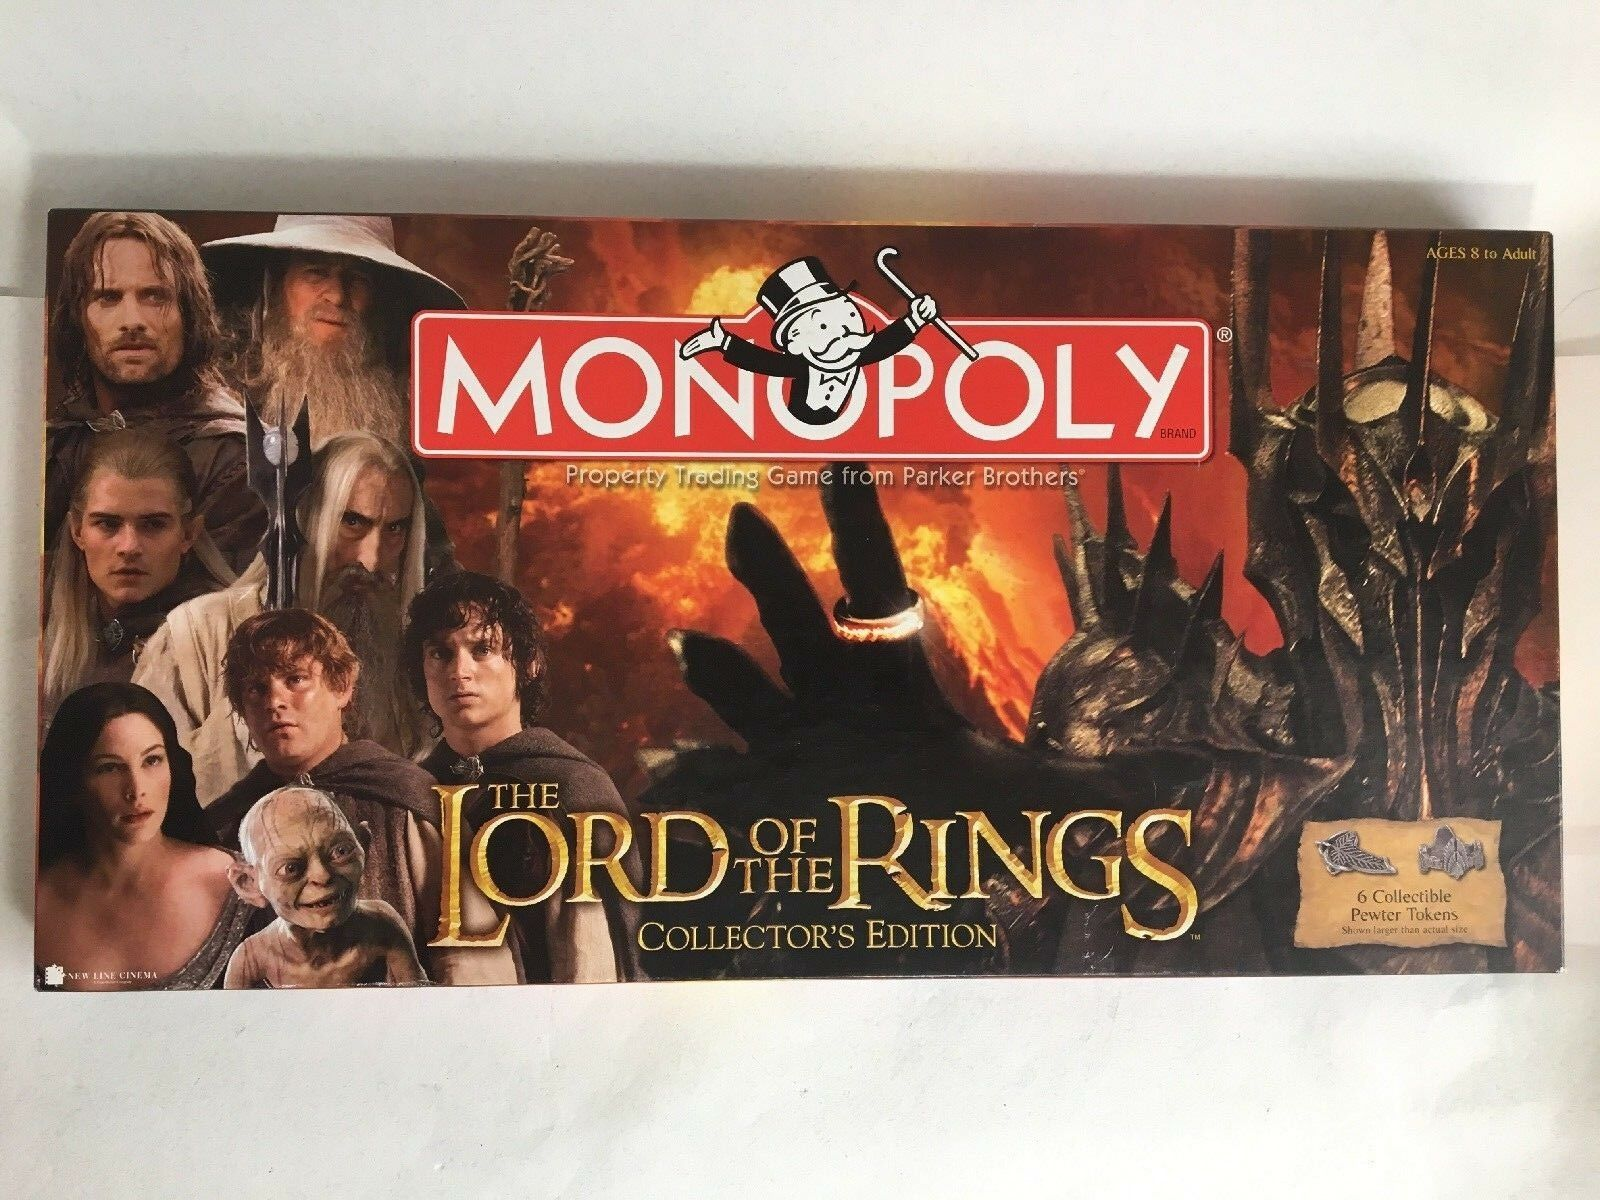 Monopoly  Lord Of The Rings Collector's edizione 2005 Hasbro Opened But completare  100% nuovo di zecca con qualità originale